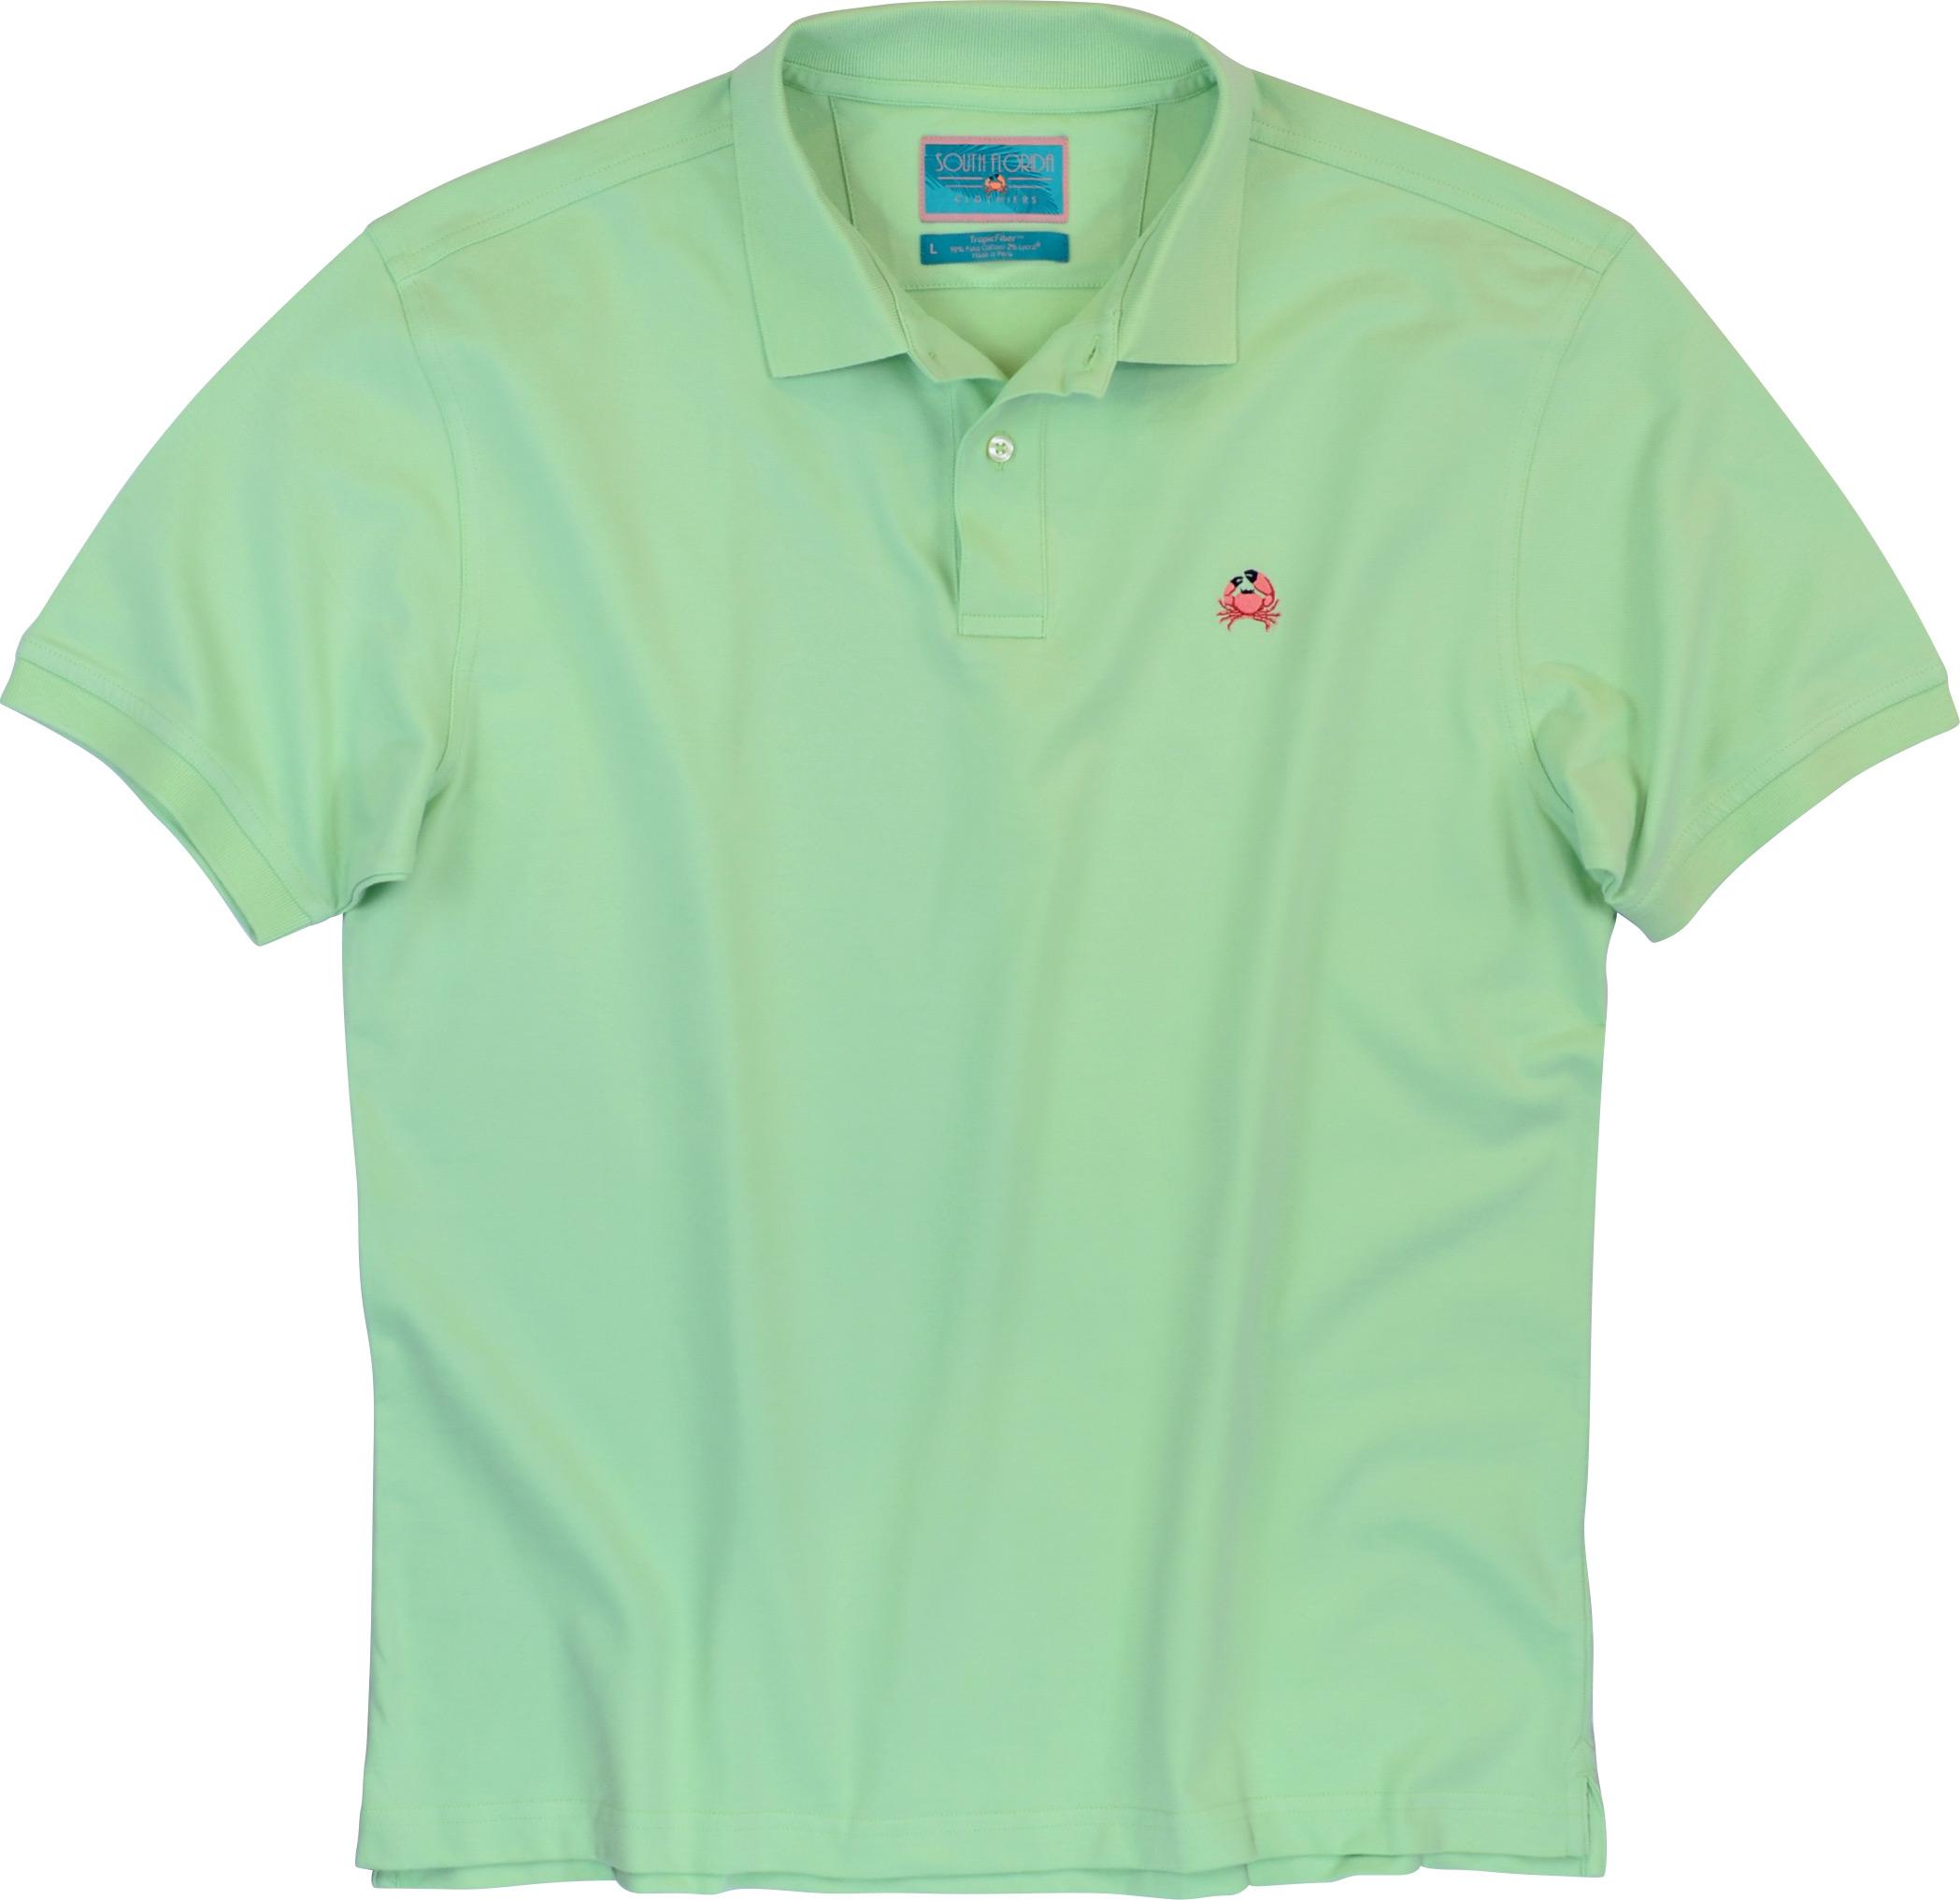 Tropicfiber Pique Polo Shirt South Florida Clothiers South